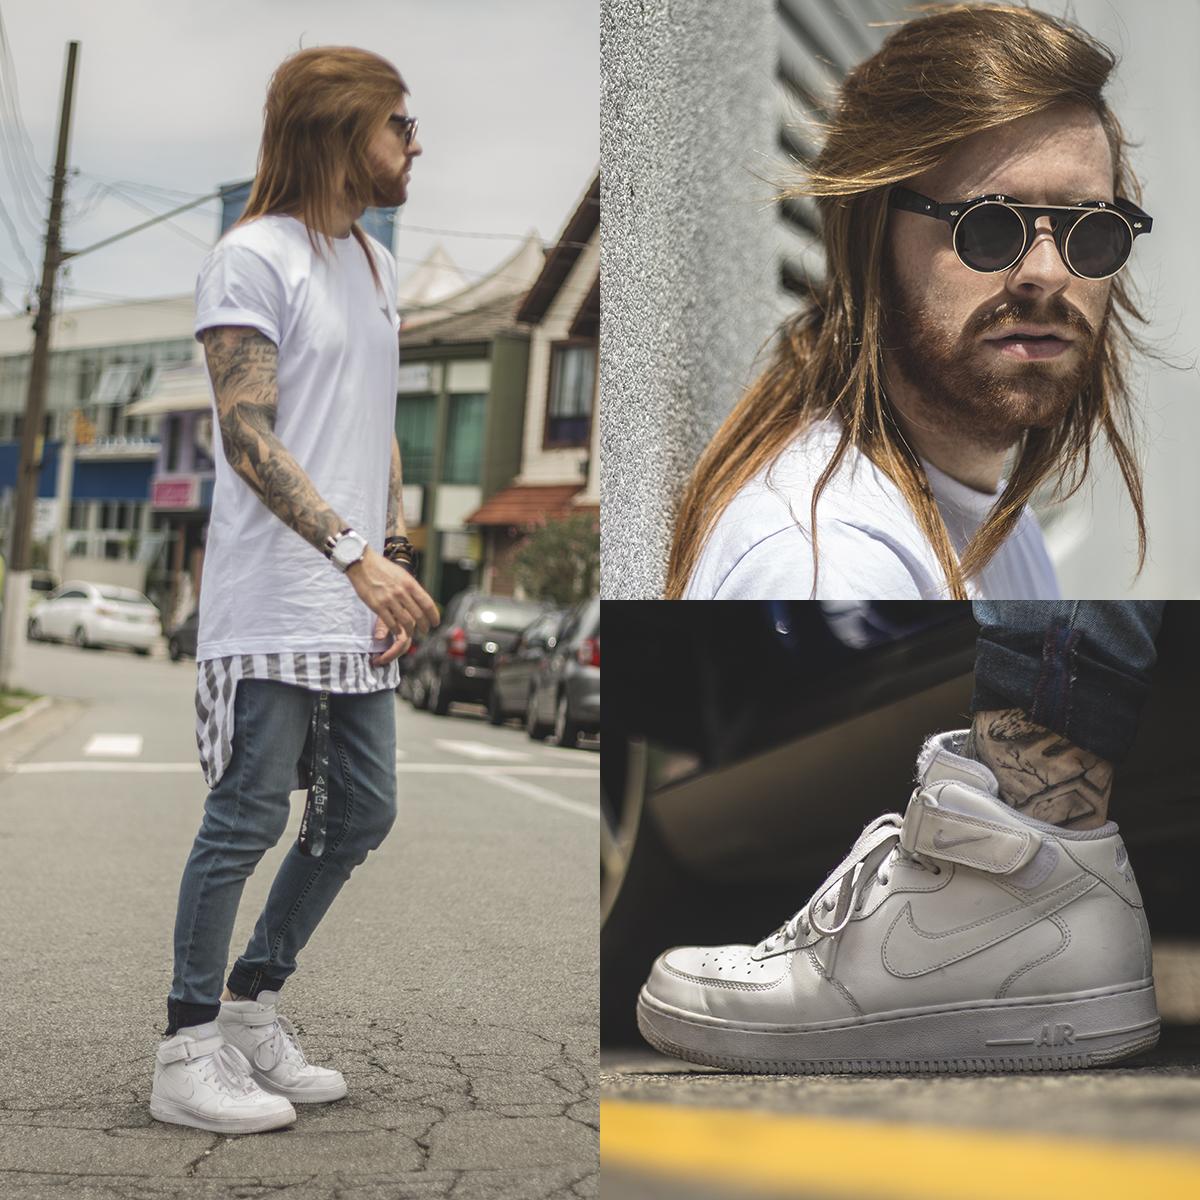 Macho Moda - Blog de Moda Masculina  5 Tendências Masculinas para a  Primavera Verão 2015 16! 62bee84a4508f